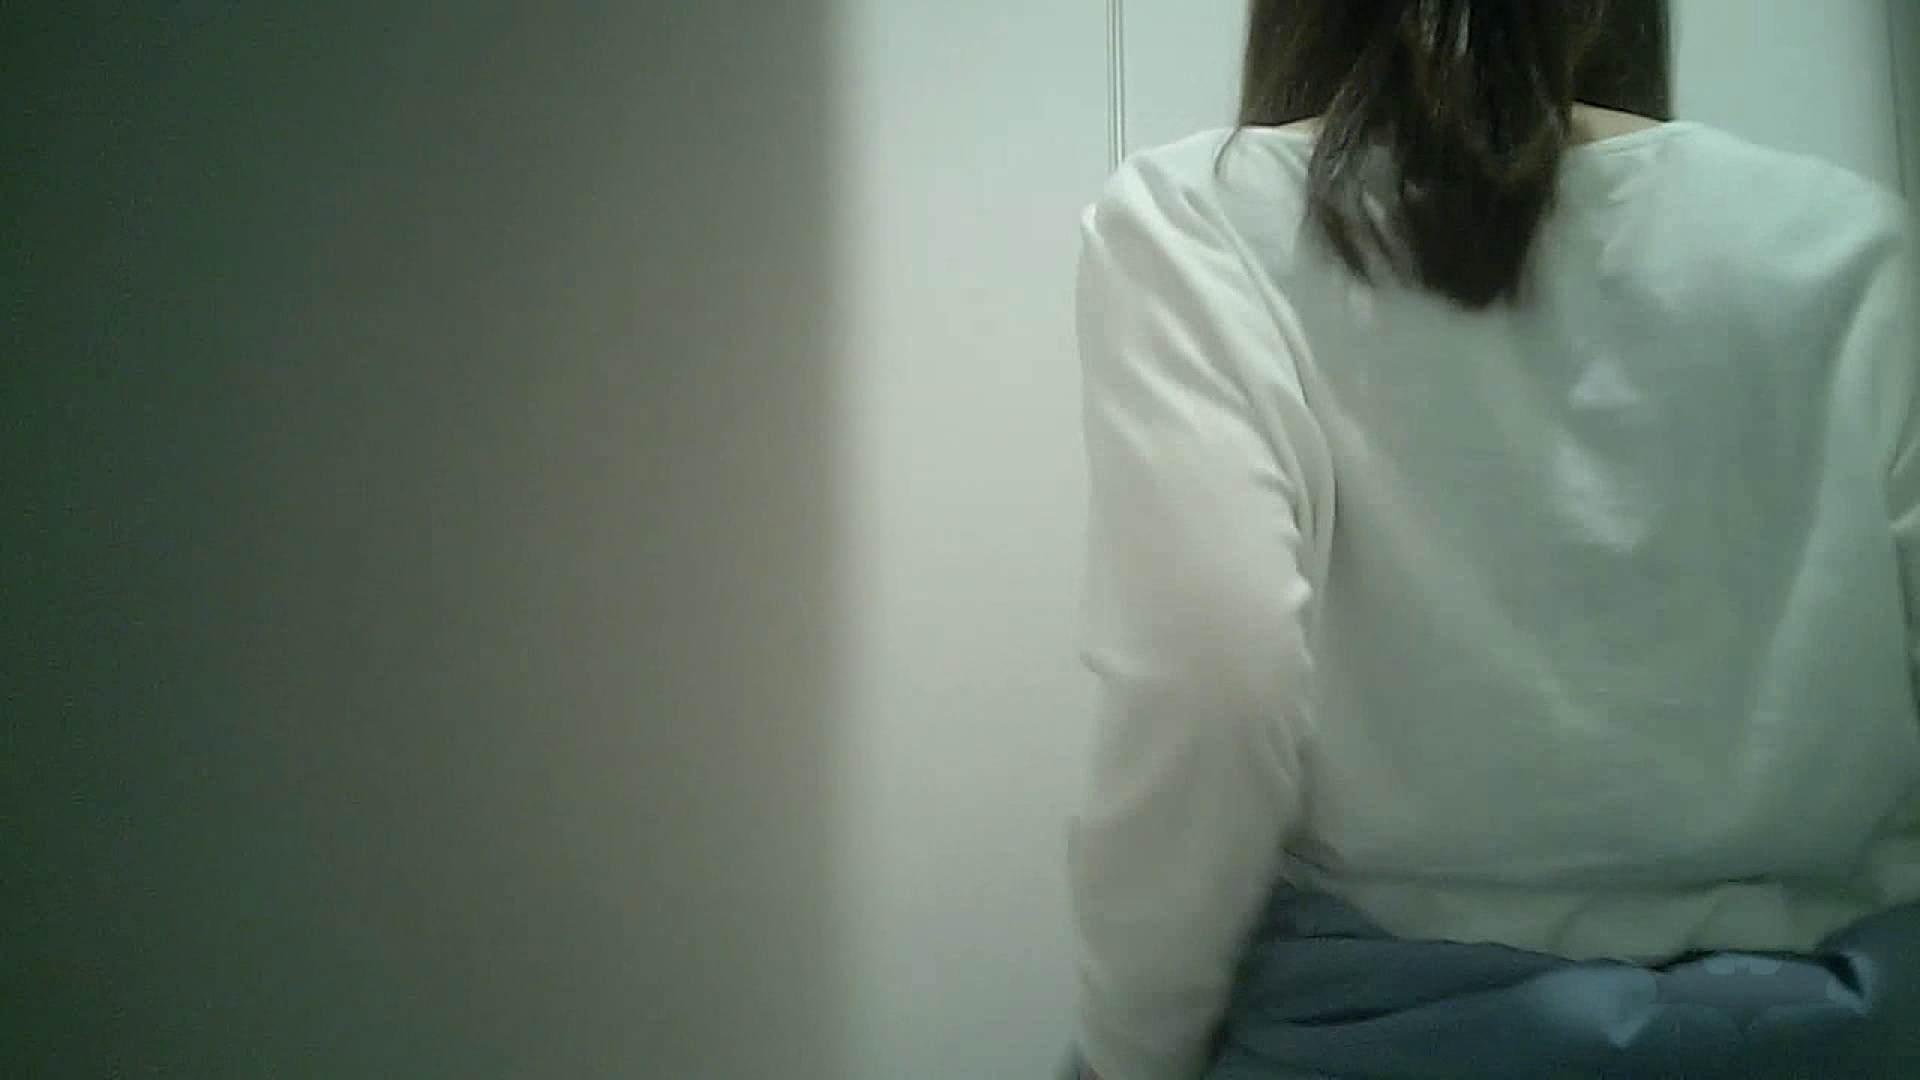 有名大学女性洗面所 vol.38 おやっ!お着替えシーンもいただきましたよ。 排泄 AV無料動画キャプチャ 67画像 48